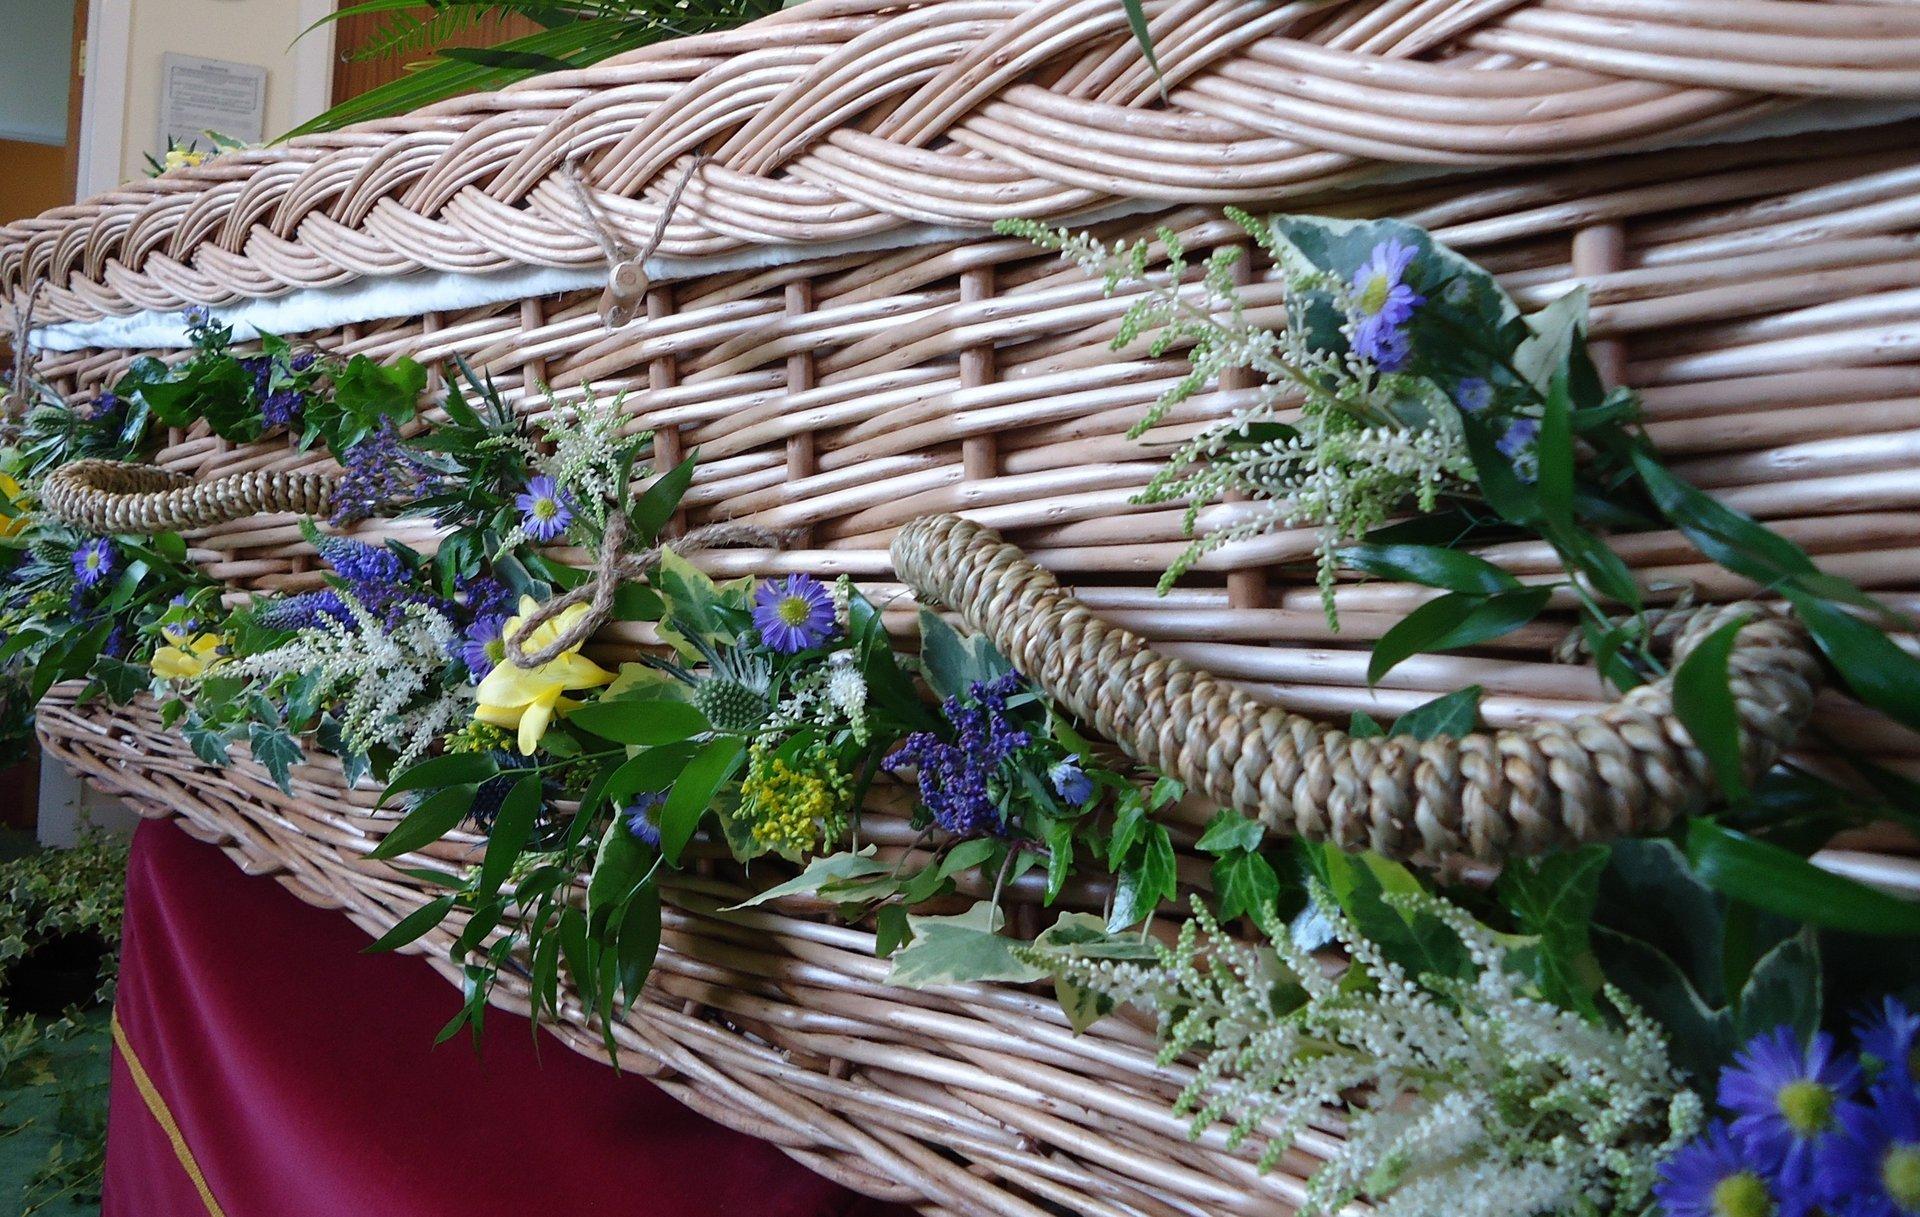 floral basket